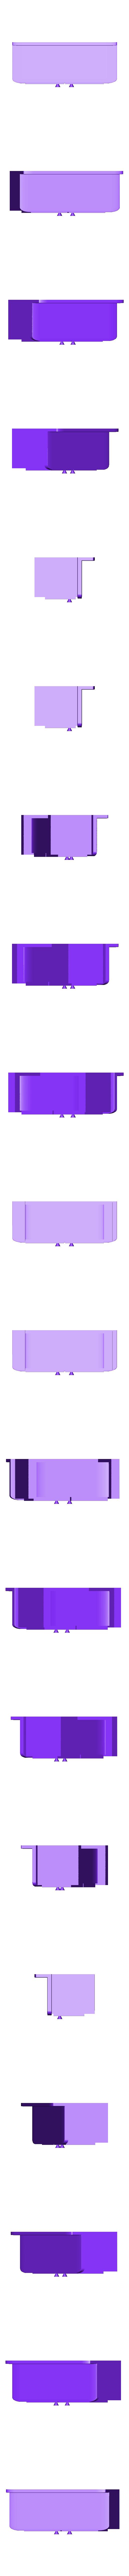 Luis_Furniture_drawers_2.stl Télécharger fichier STL gratuit Ensemble de meubles inspiré par Wolfenstein pour le jeu de guerre • Modèle pour imprimante 3D, El_Mutanto